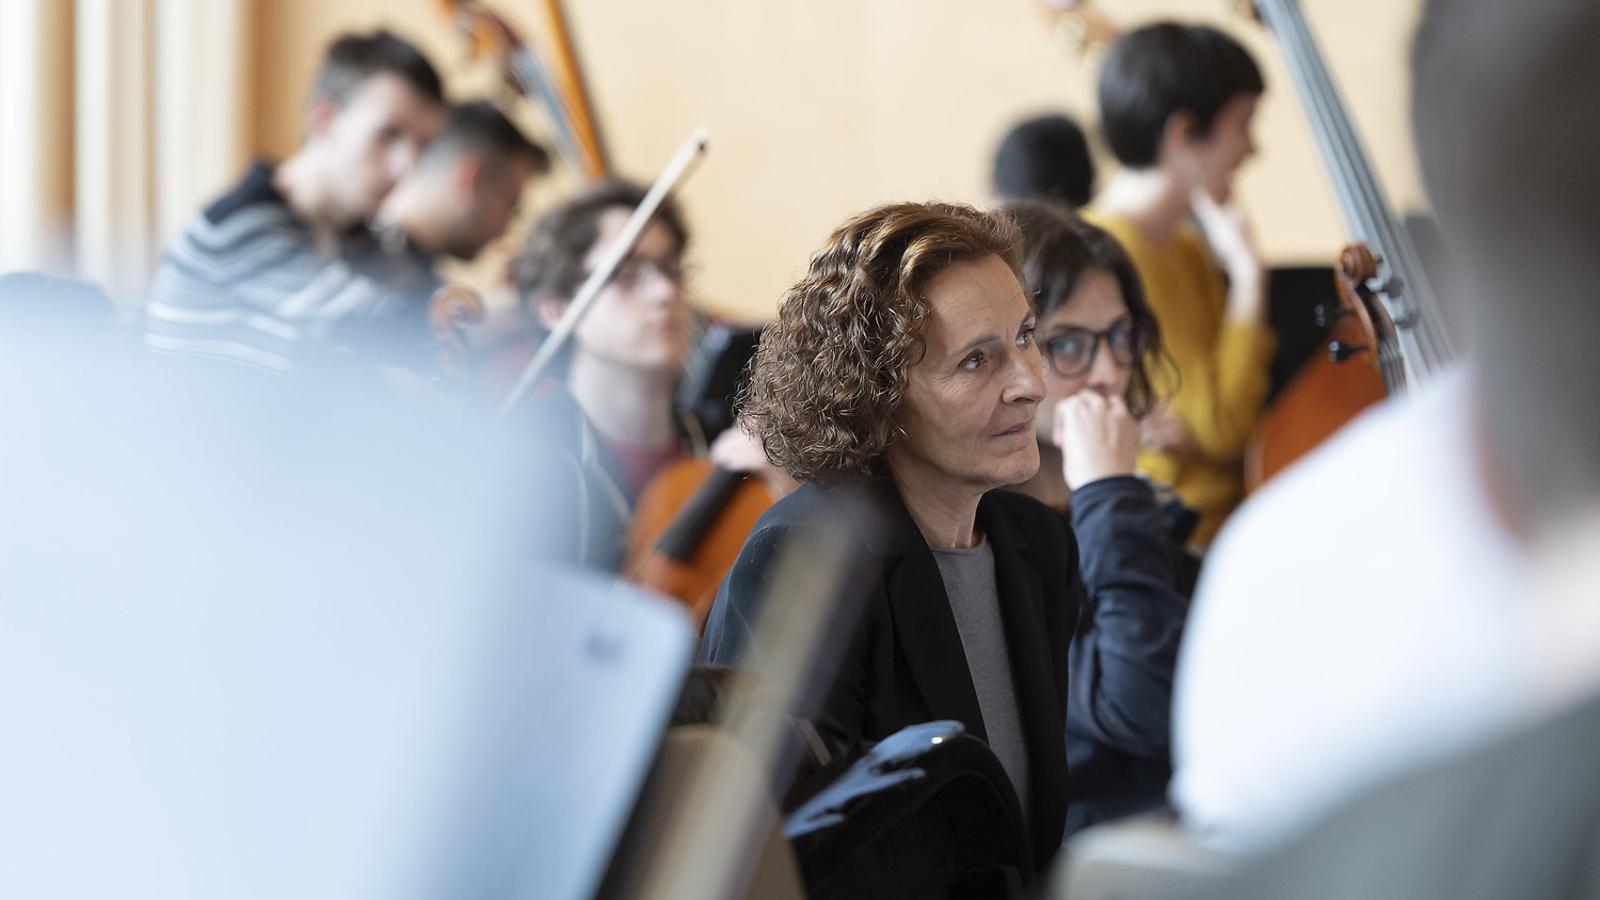 L'actriu Marta Angelat amb alguns dels músics de l'Orquestra Simfònica de l'Esmuc que interpreten La balena blava al TNC. / MAY ZIRCUS / TNC